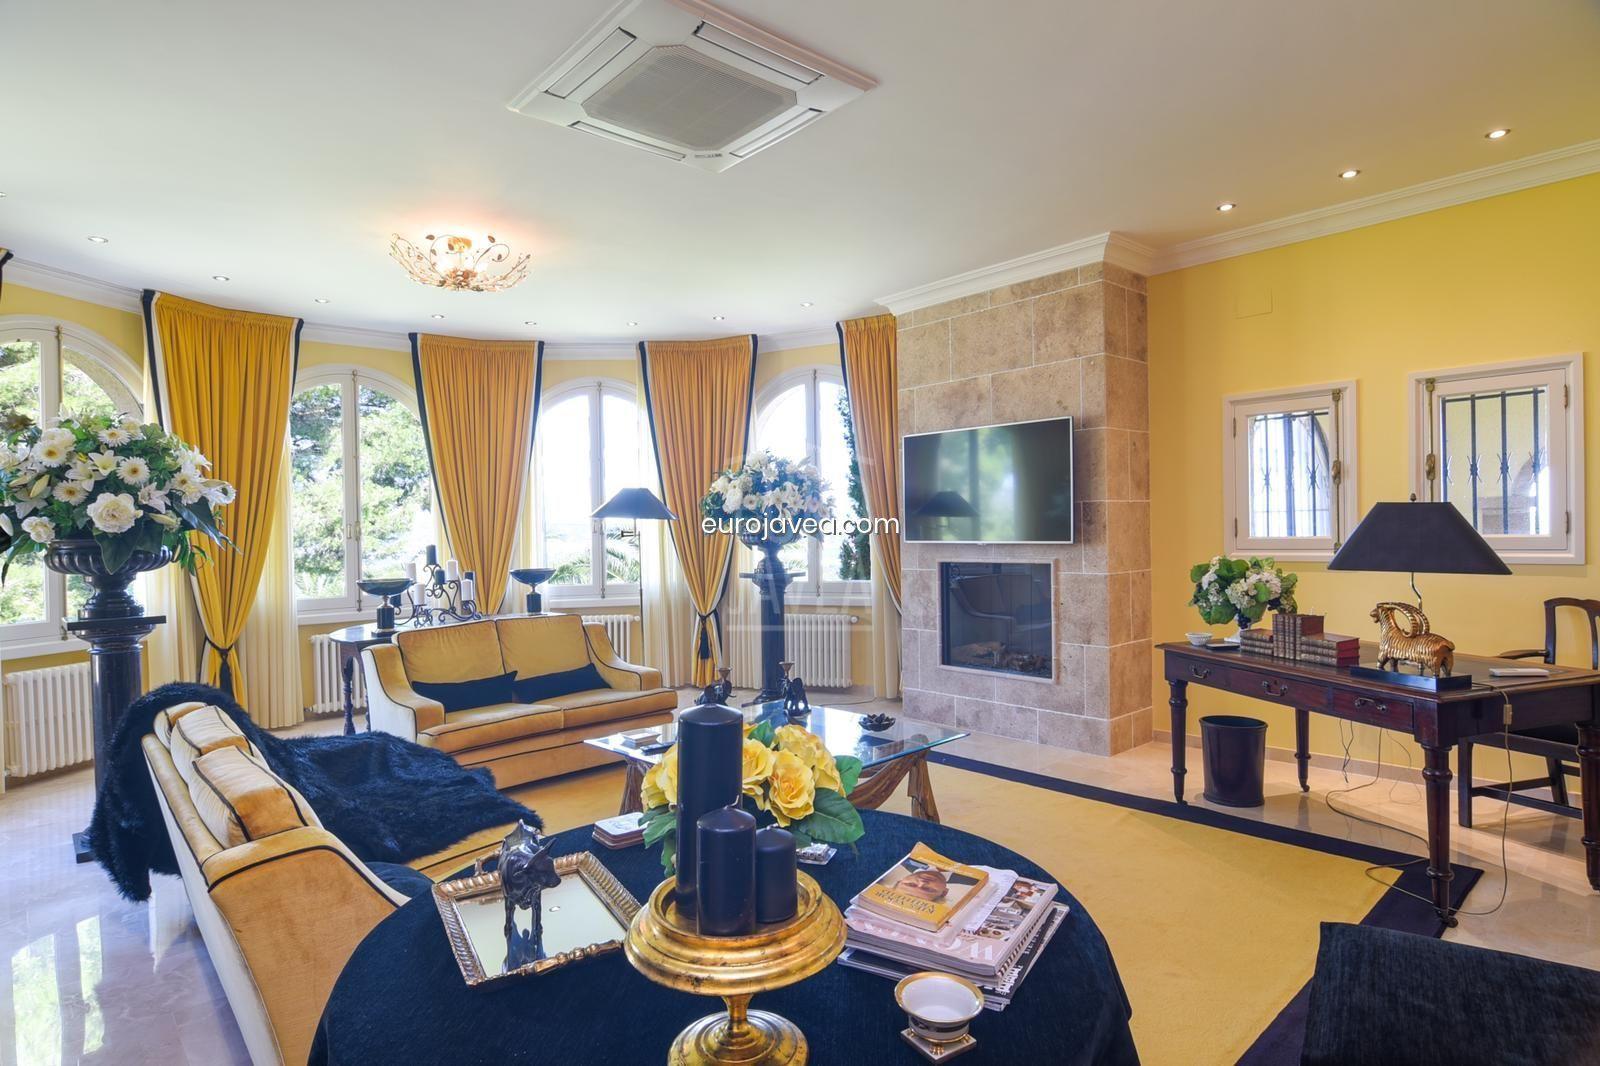 Villa a la venta en Jávea con vistas abiertas y al mar en amplia parcela